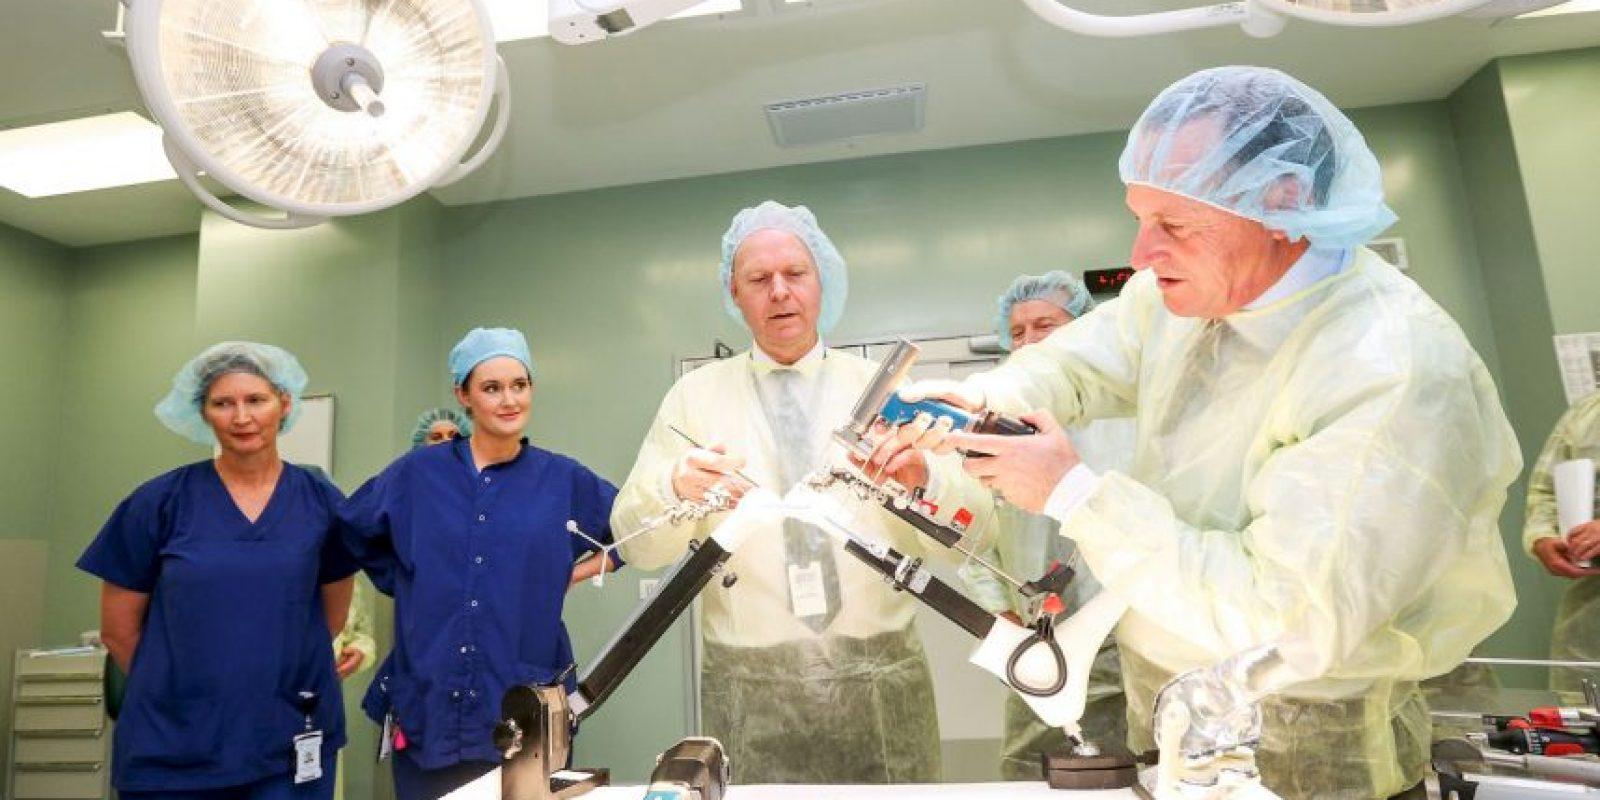 10. Cardiopatía hipertensiva: 1.1 millones de defunciones entre 2000 y 2012 Foto:Getty Images